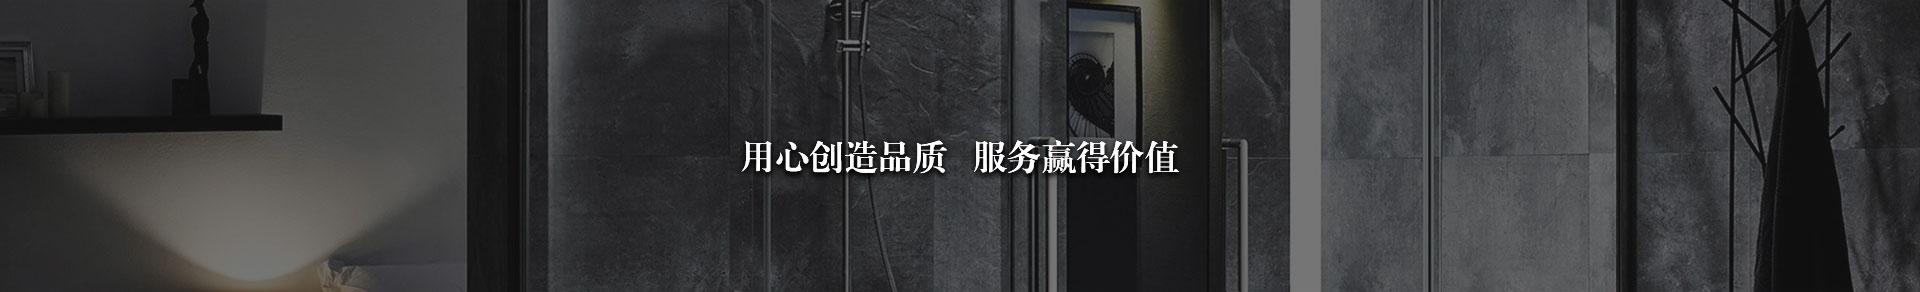 http://www.xjbjymy.cn/data/upload/202008/20200814162618_137.jpg